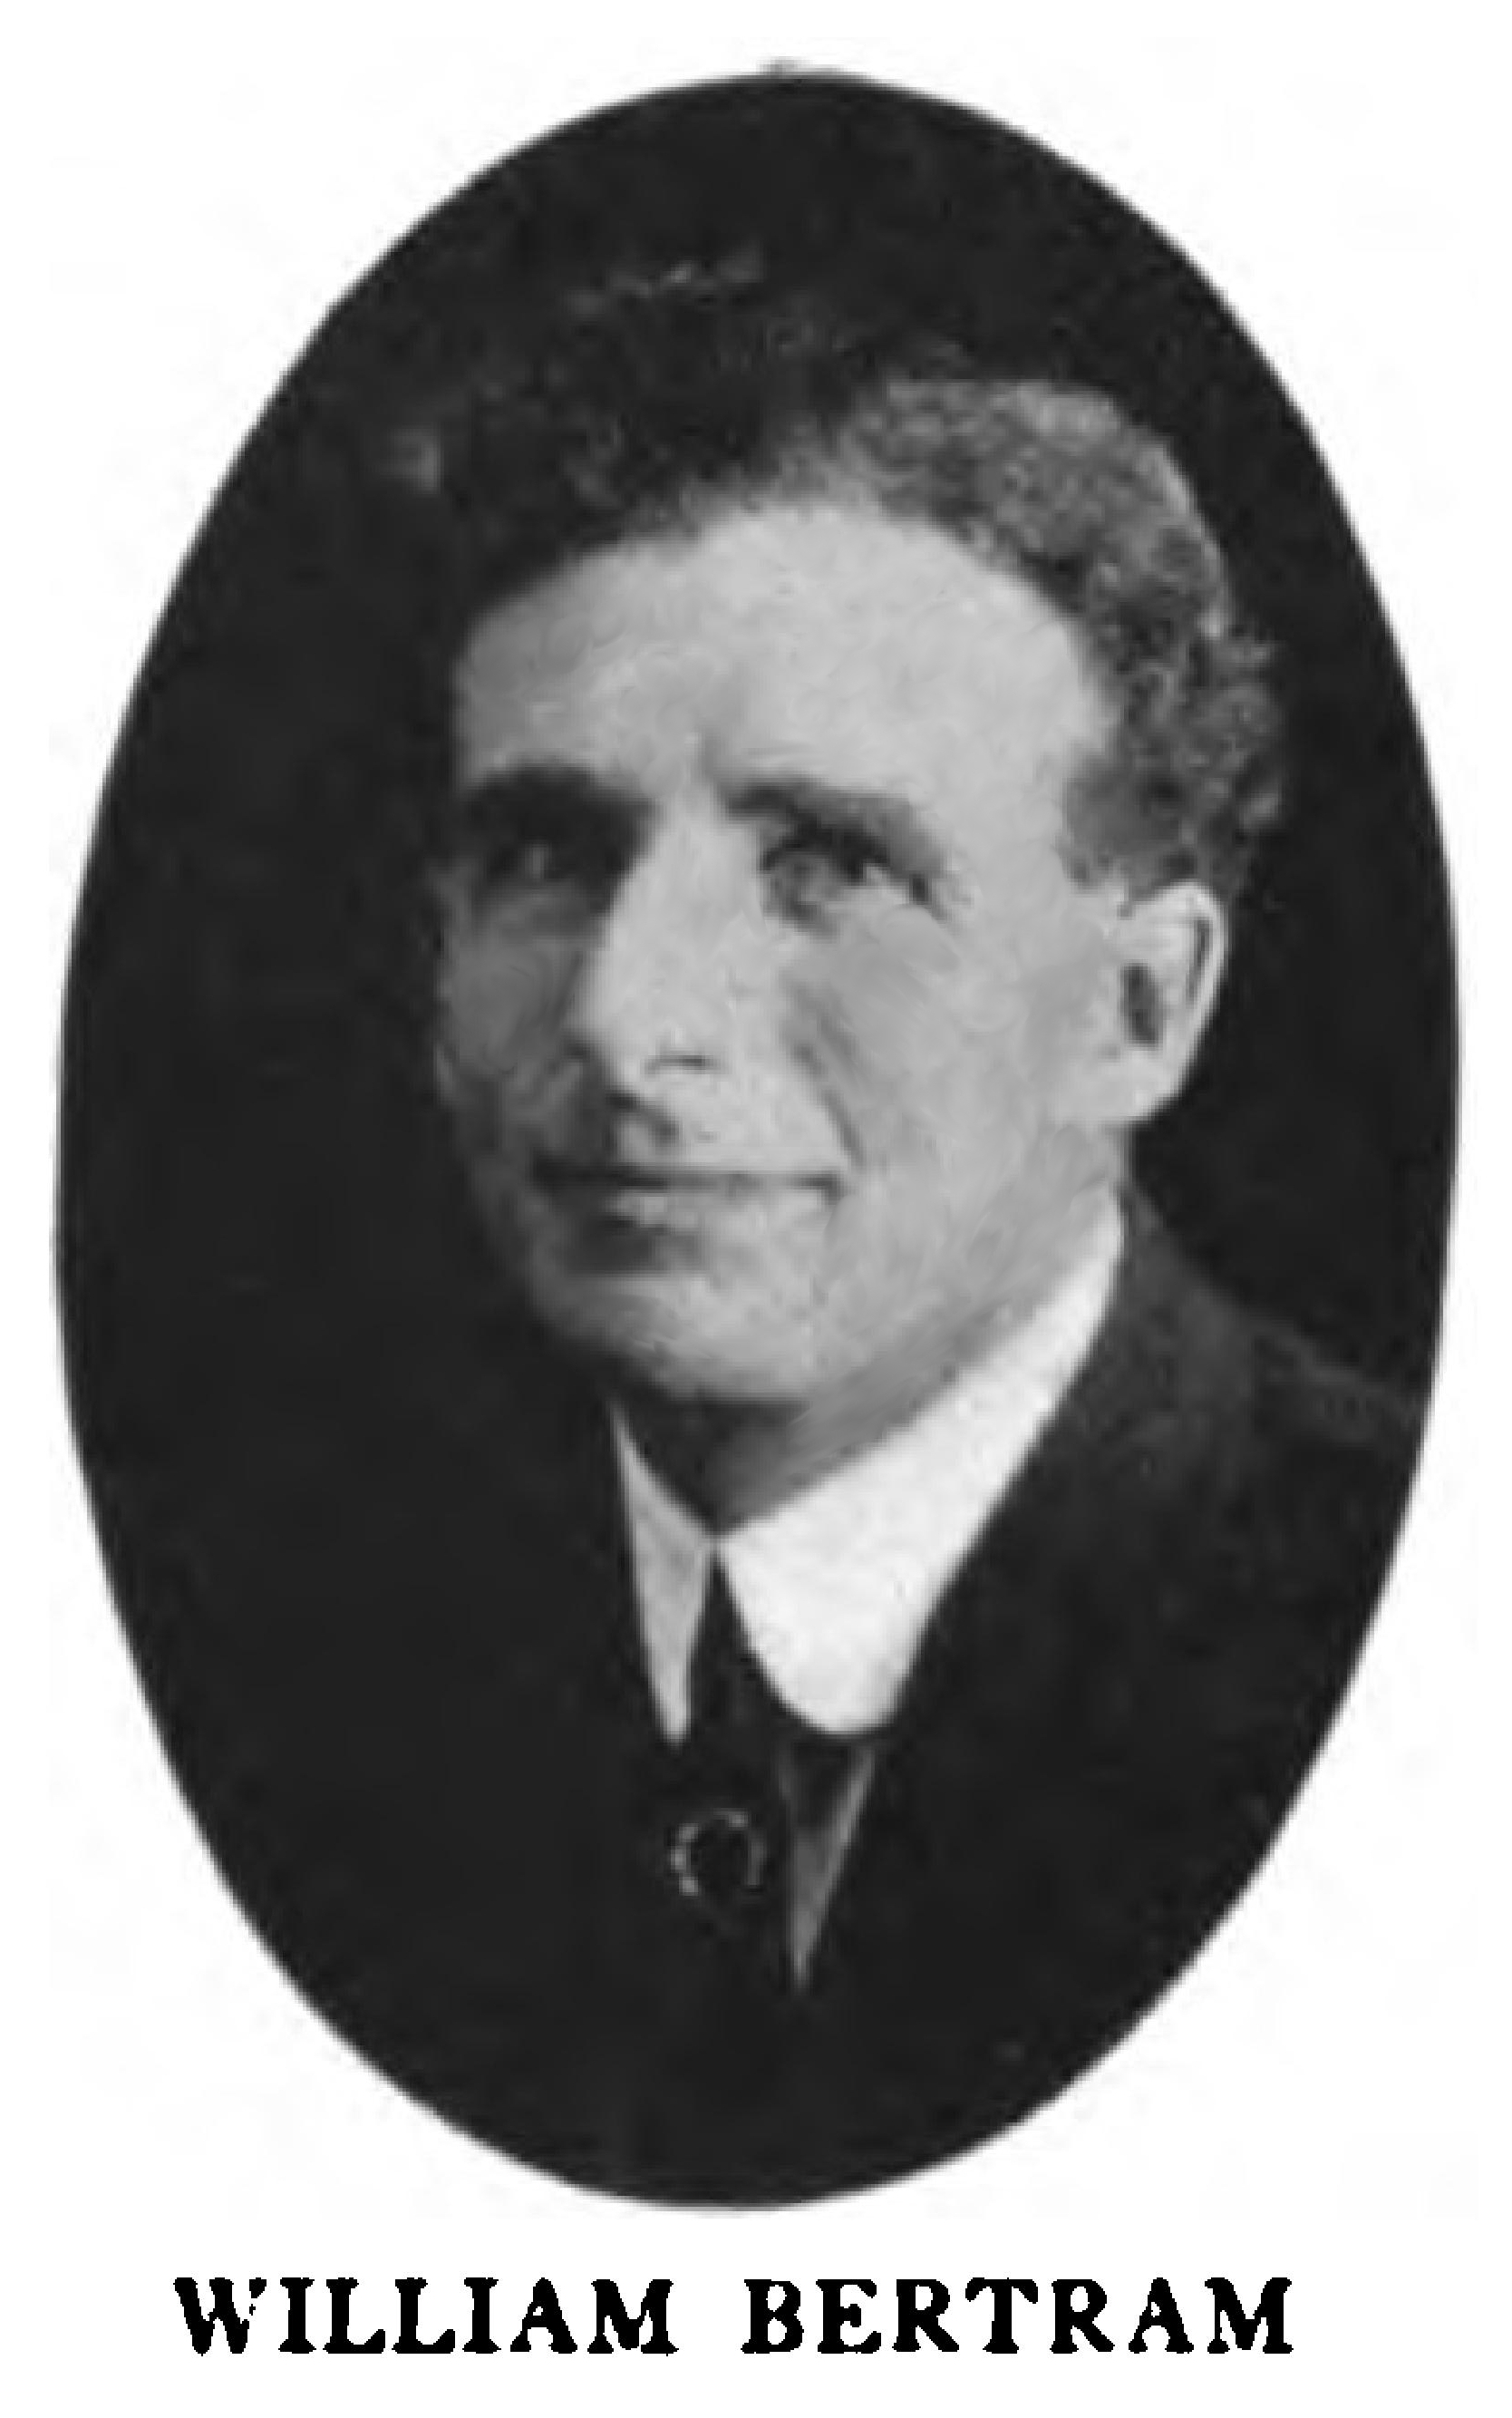 William Bertram